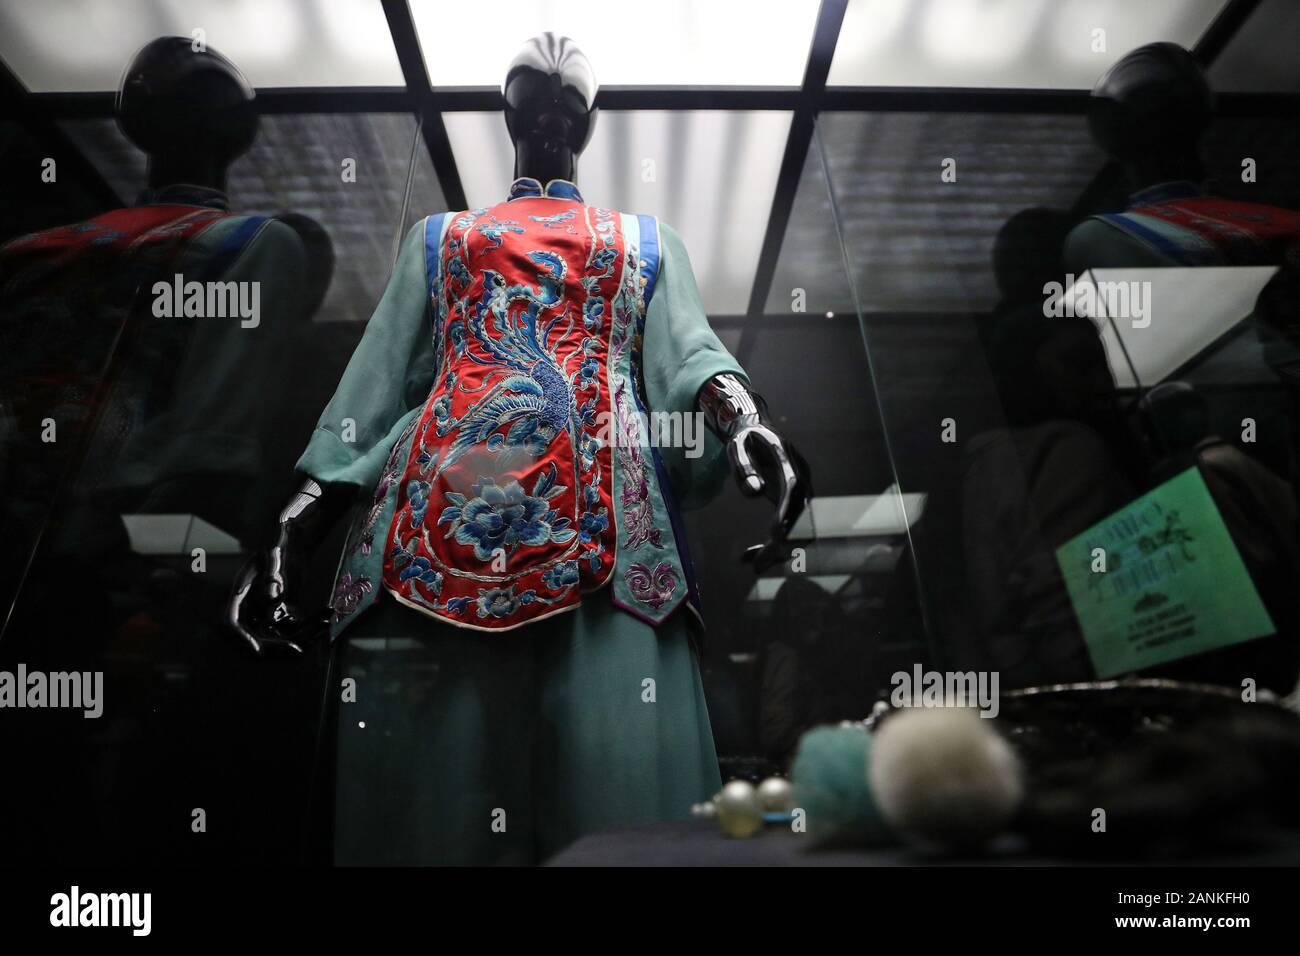 Moskau, Russland - Januar 17, 2020: Ballet Dancer Galina Ulanova von Tai-Choa Kleid von der Roter Mohn, auf dem Display während einer Ausstellung im Museum Bakhrushin hielt ihren 110. Geburtstag zu markieren. Ulanova war der am höchsten ausgezeichneten Sowjetischen Ballett Tänzerin, zwei Denkmäler in ihrer Ehre in Stockholm und St. Petersburg noch vor ihrem Tod errichtet. Michail Tereschtschenko/TASS Stockfoto